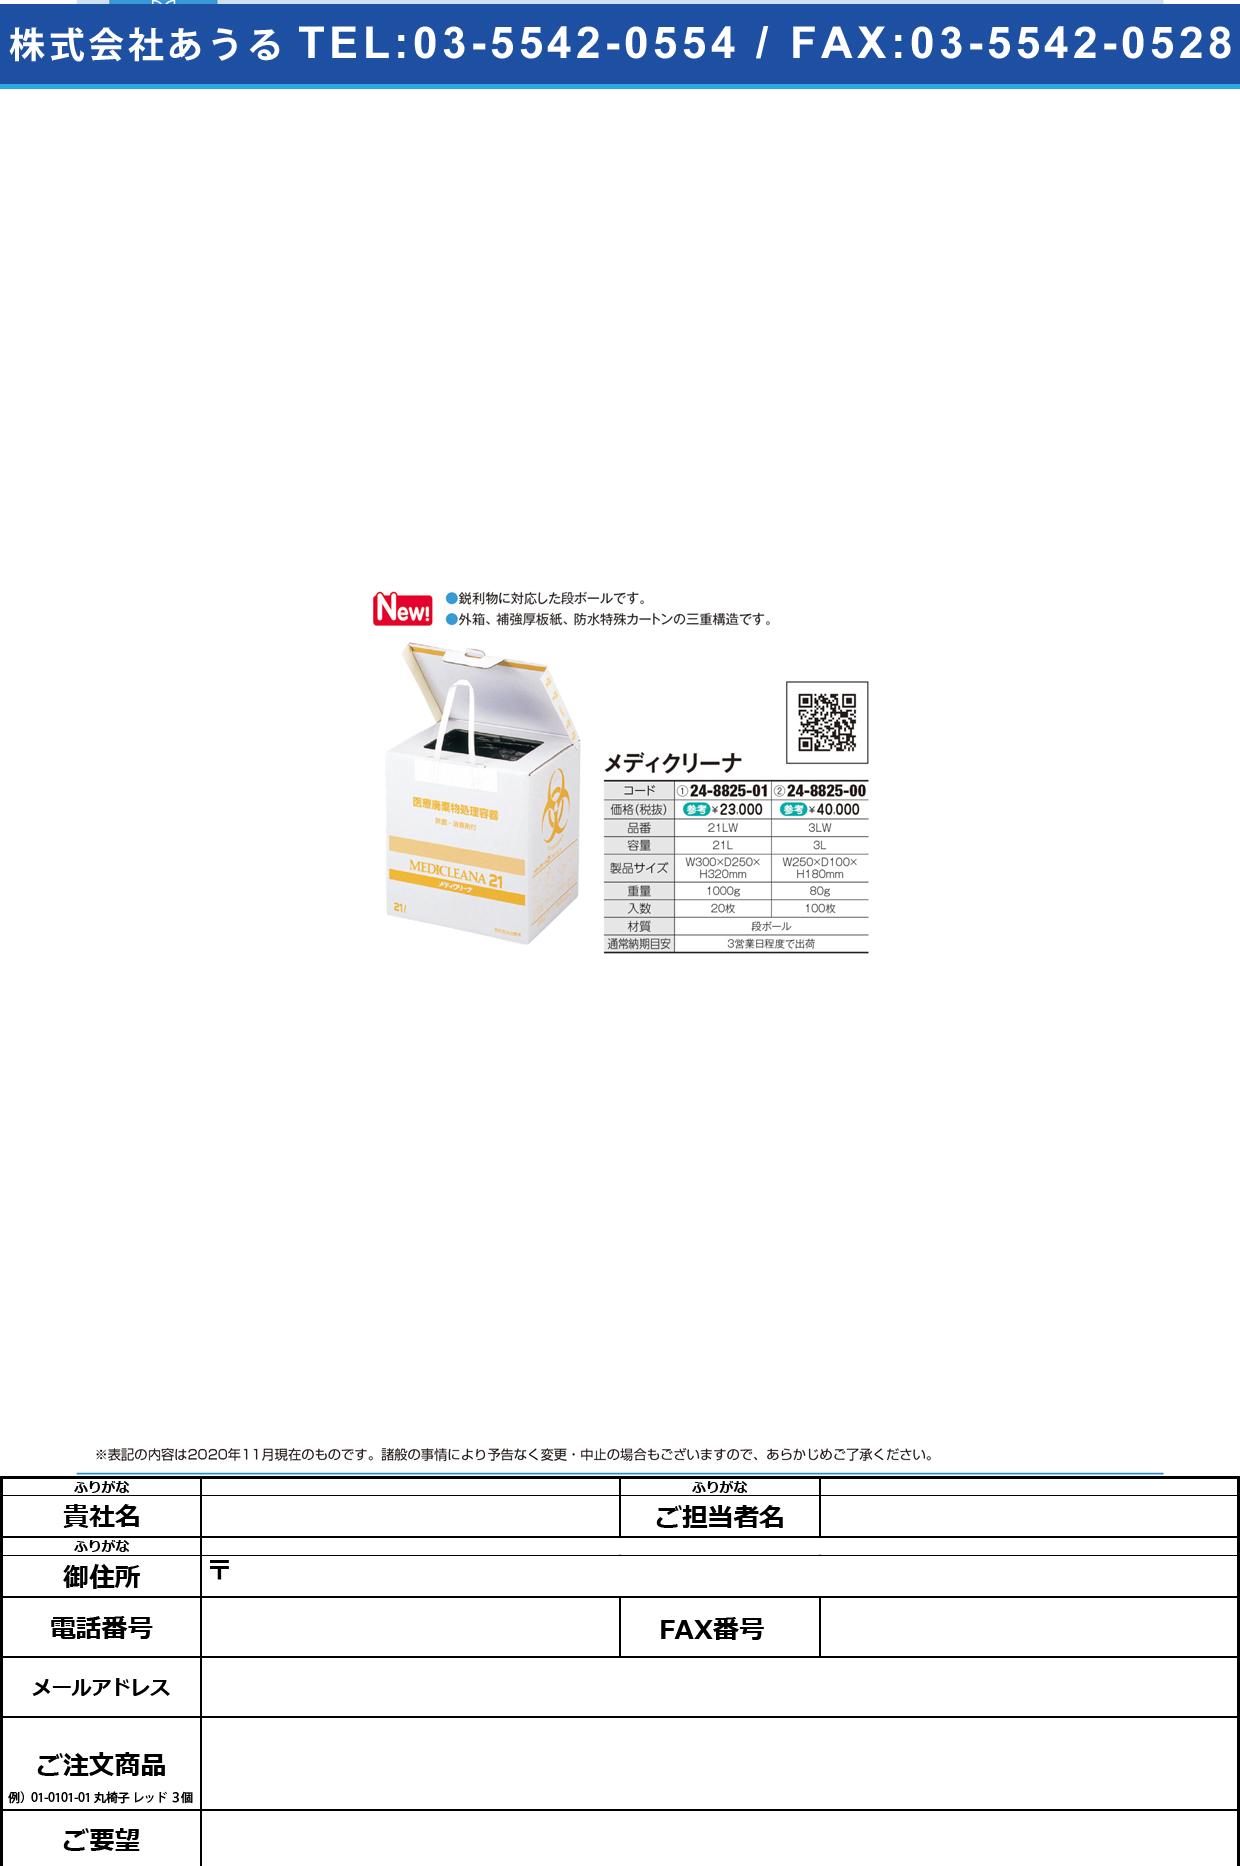 メディクリーナ(21L) 21LW(20マイ)21LW(20マイ)(24-8825-01)【日本シューター】(販売単位:1)